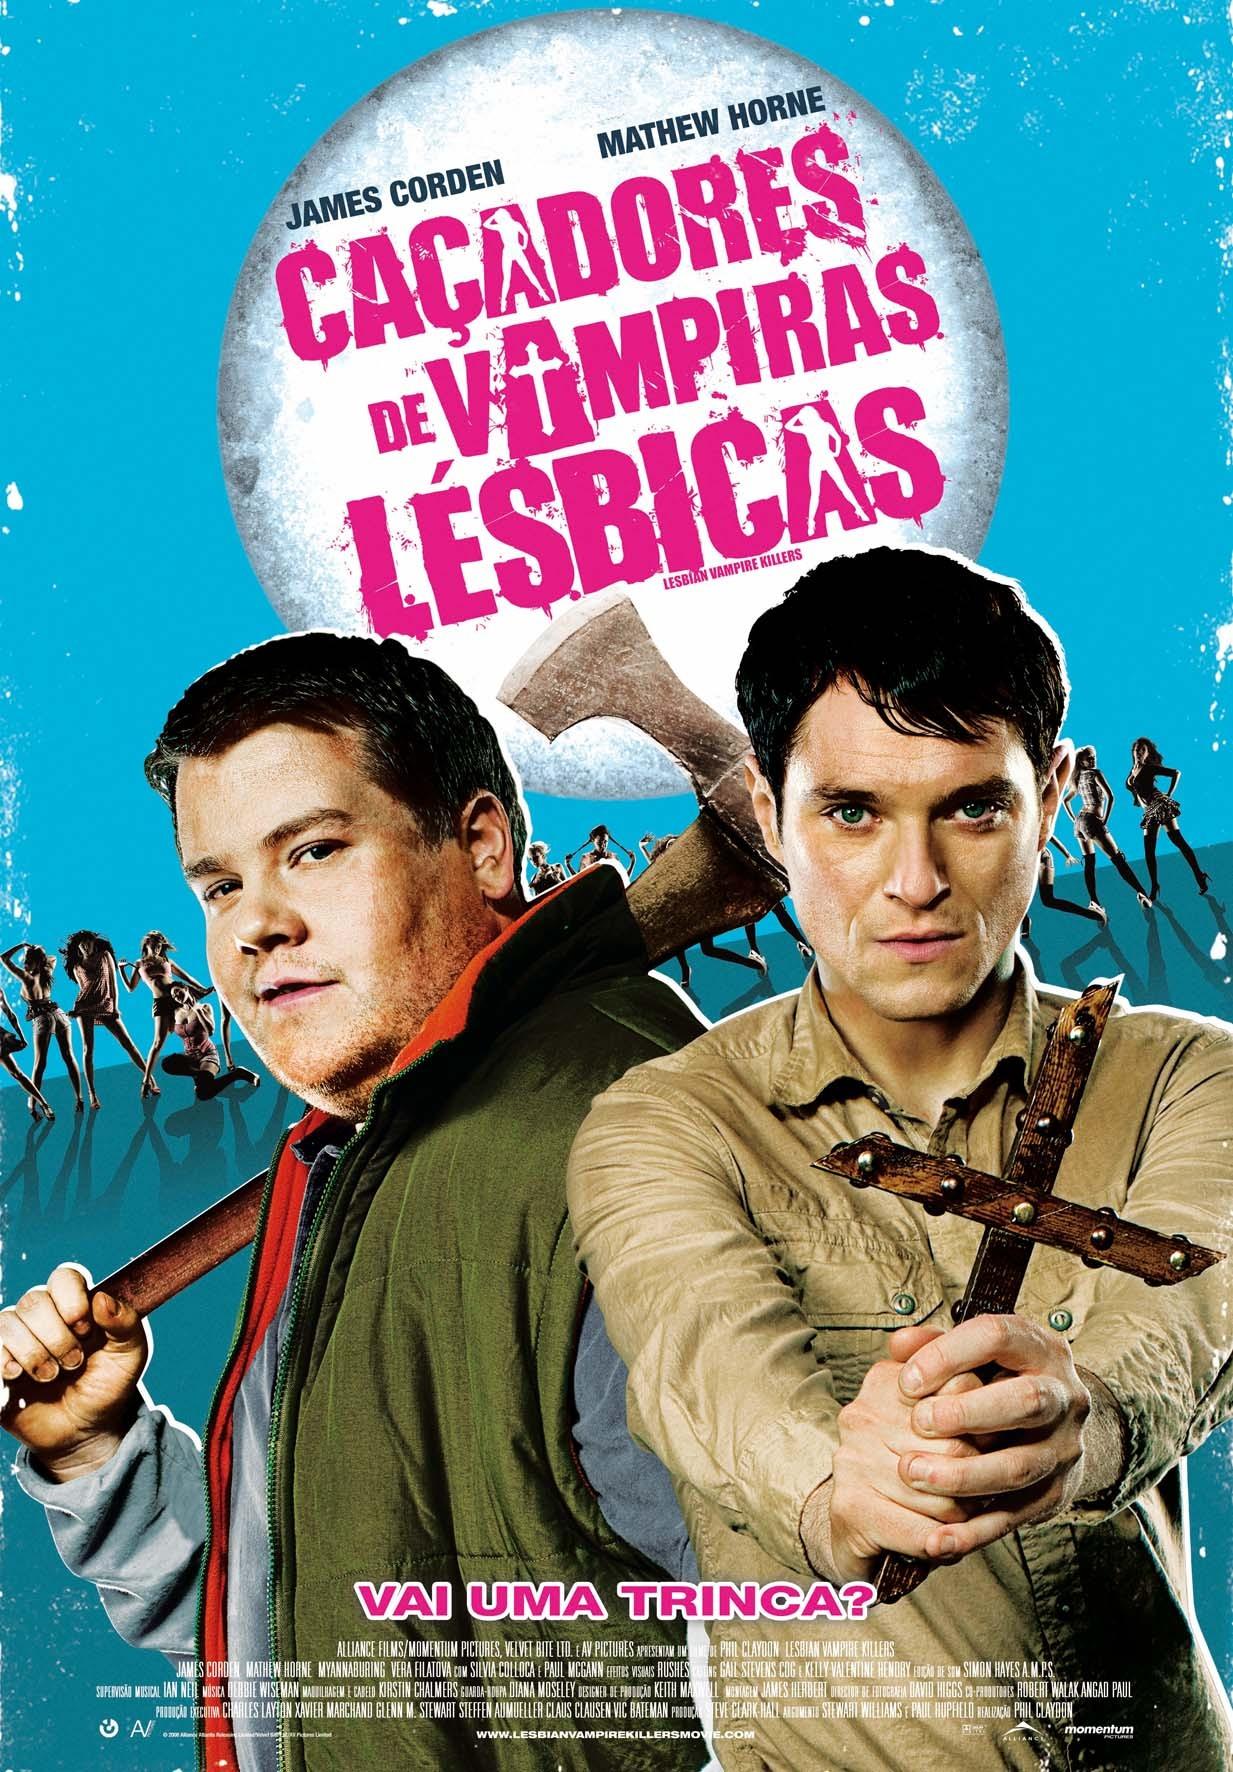 Filmes De Lebicas throughout caçadores de vampiras lésbicas - sapo mag